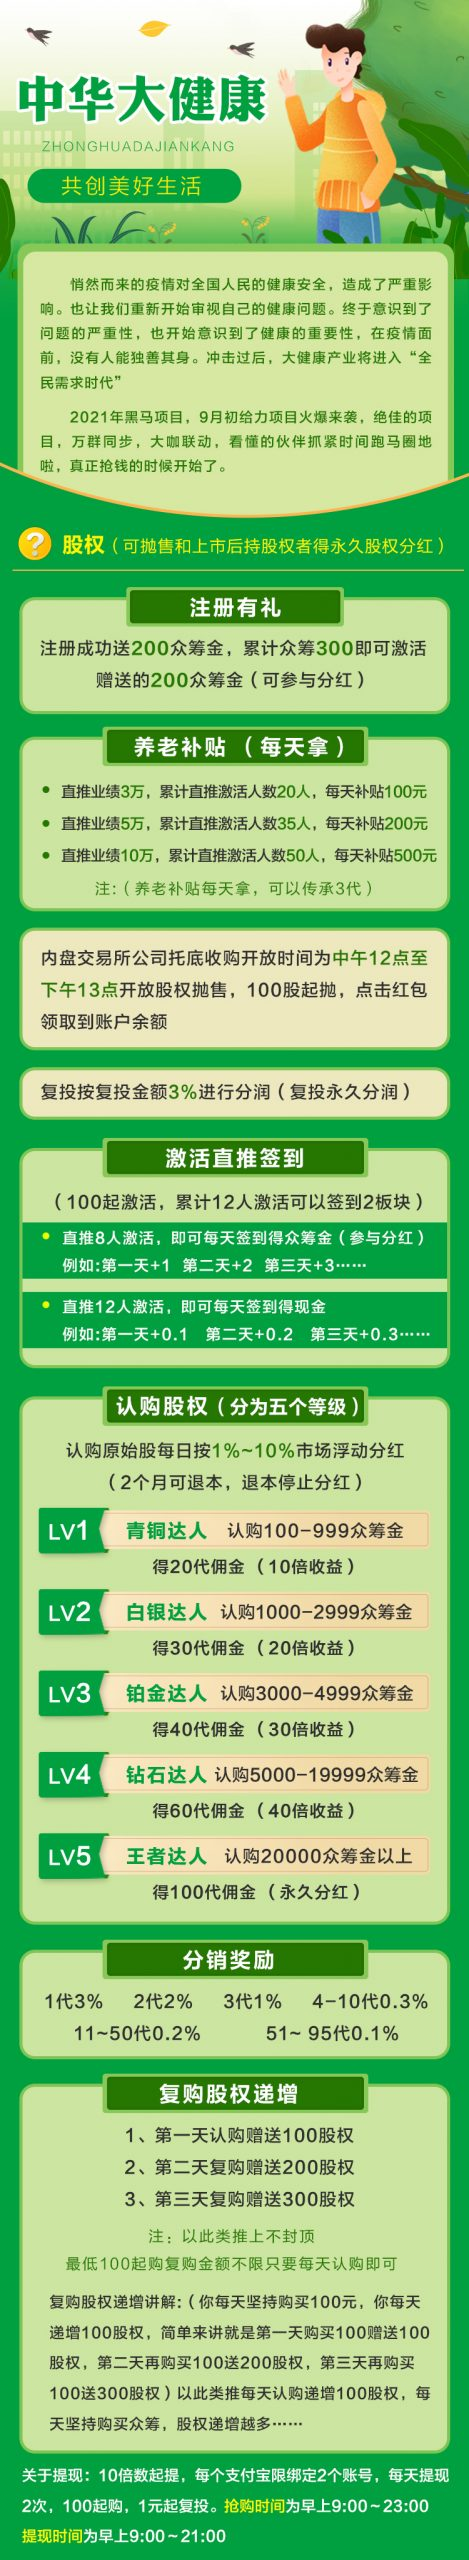 图片[1]-华夏大健康-首码社